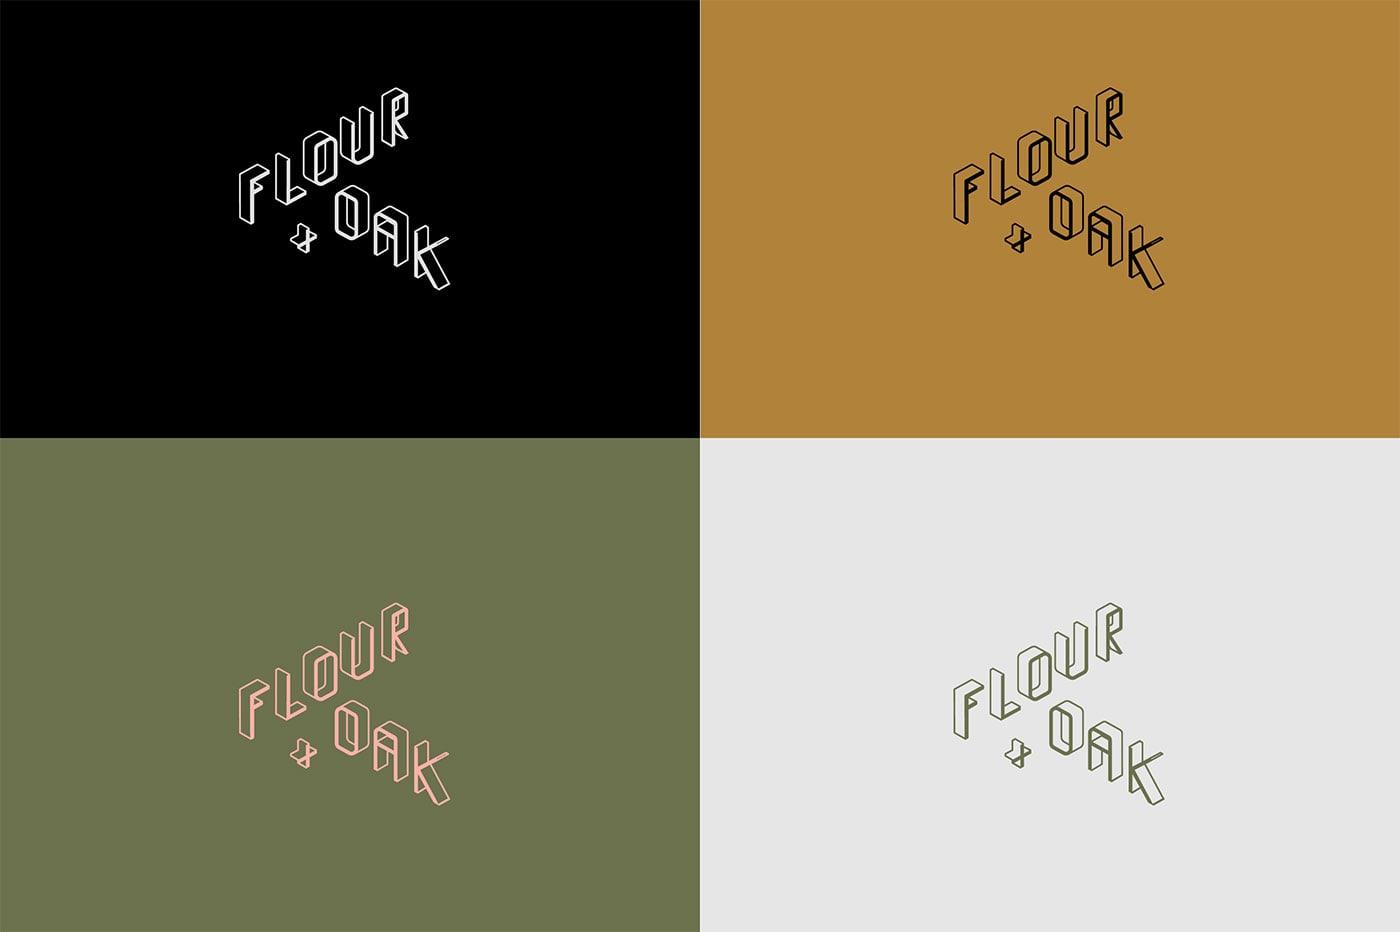 精致时尚!Flour&Oak餐厅品牌形象设计